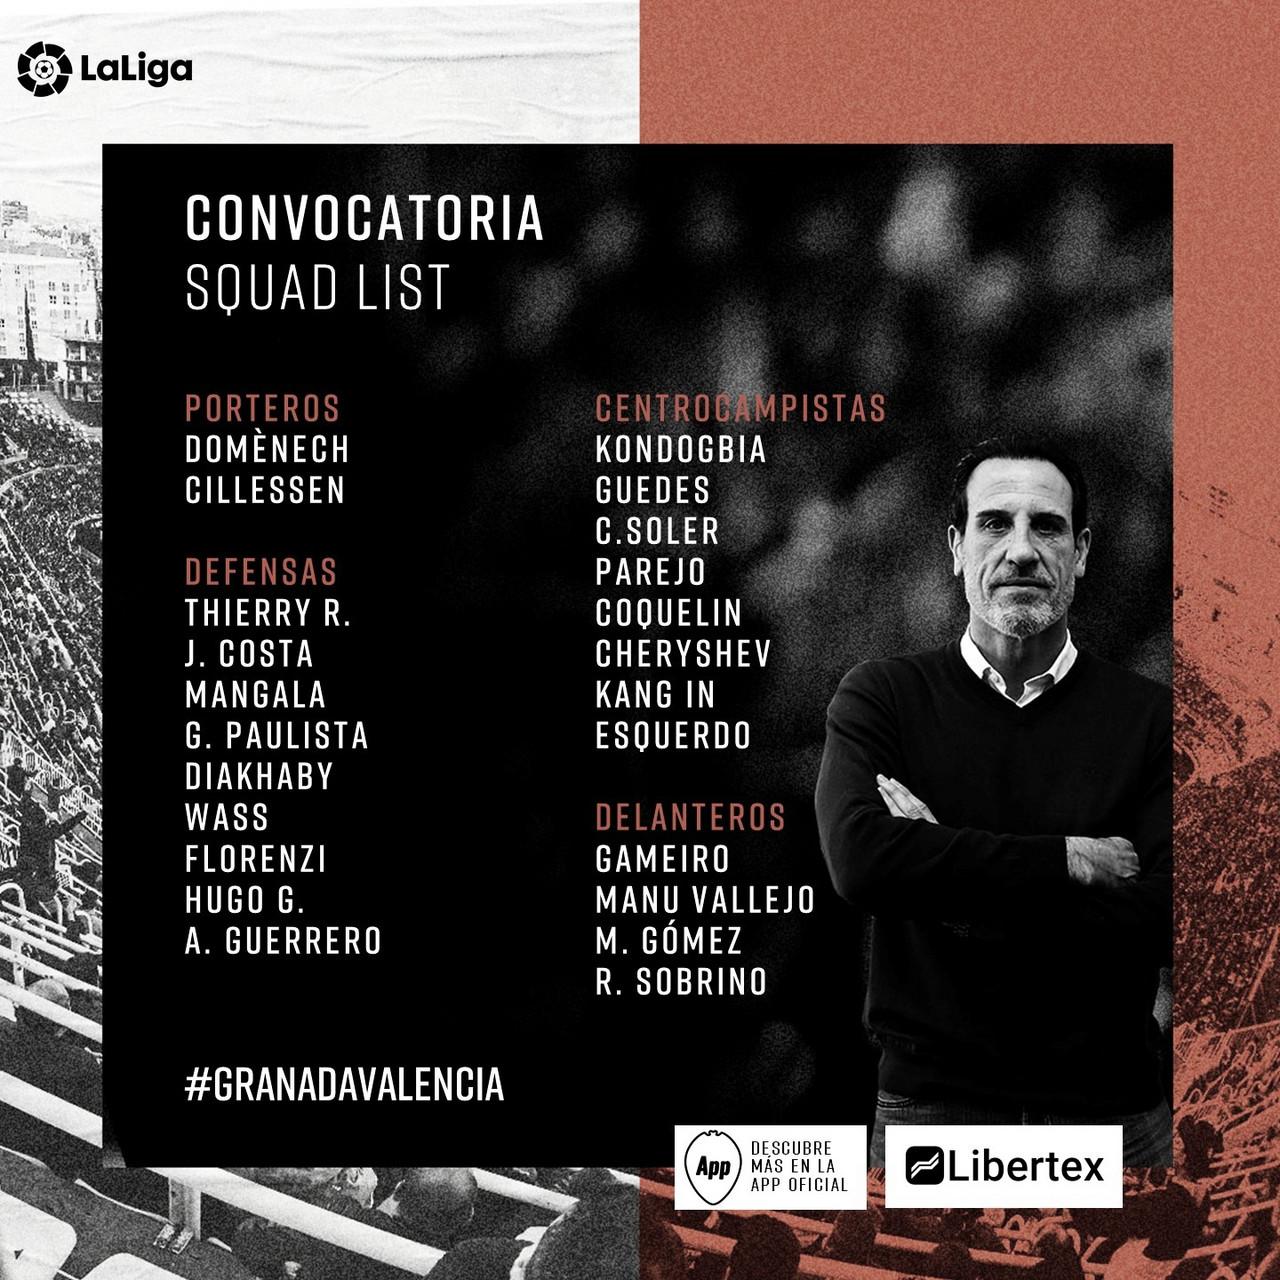 Convocatoria del Valencia para enfrentarse al Granada